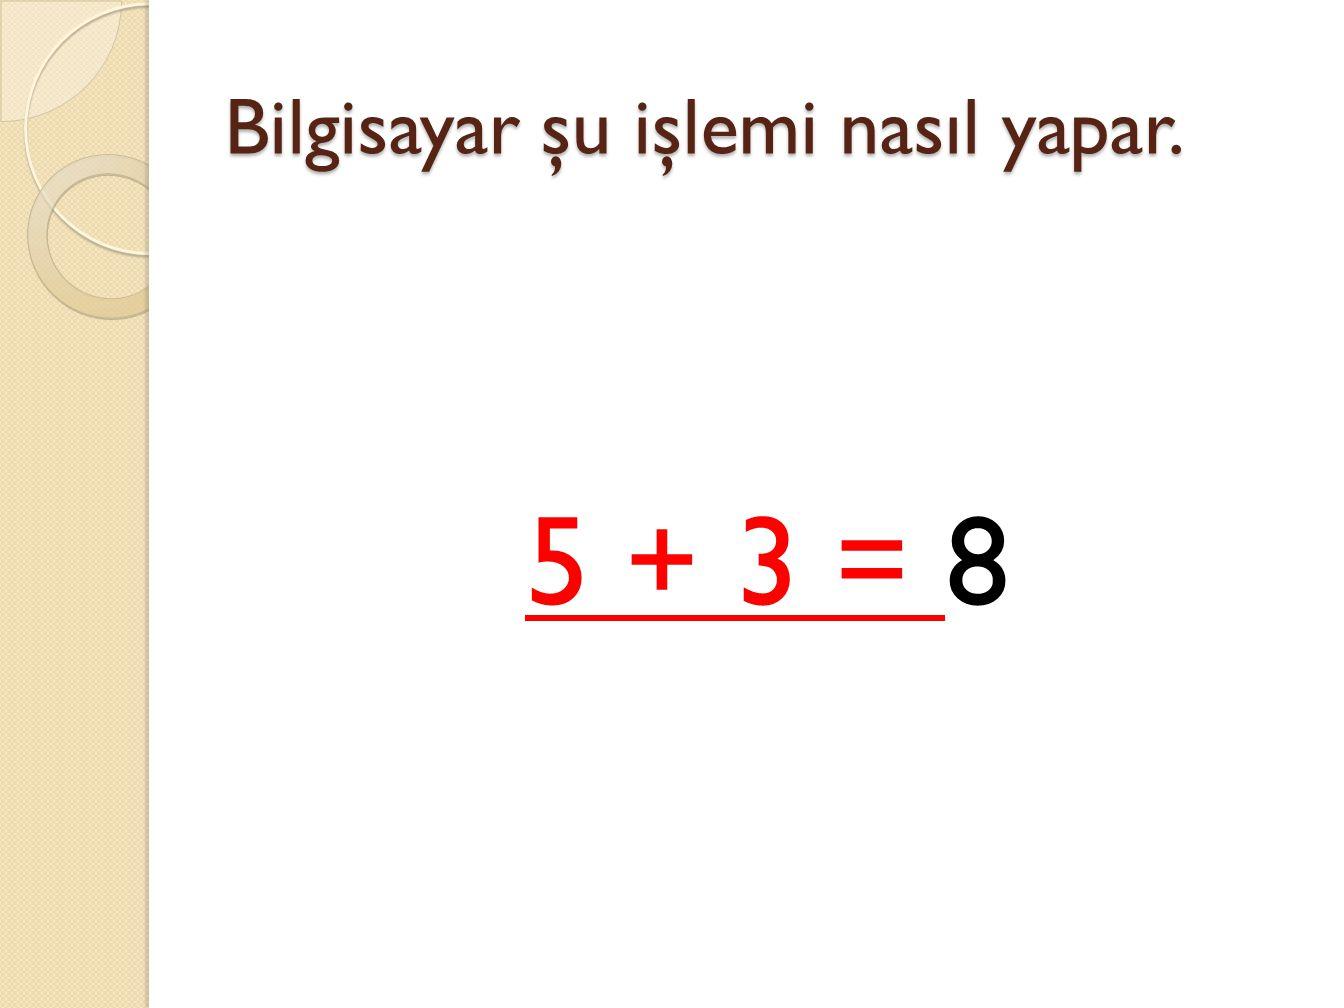 5 + 3 = 8 işlemi